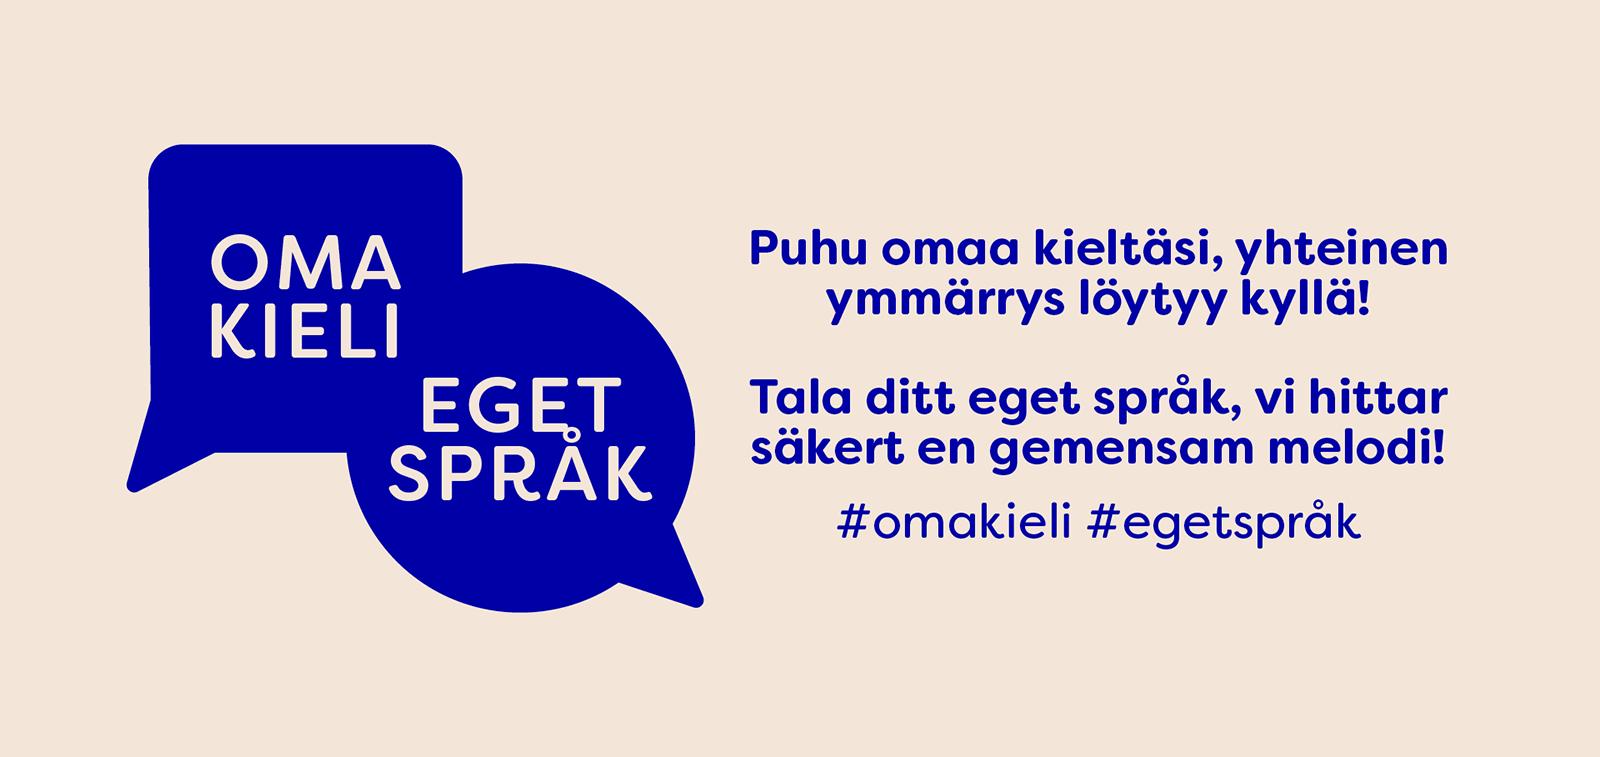 Oma kieli -kampanja kannustaa puhumaan omaa kieltään.